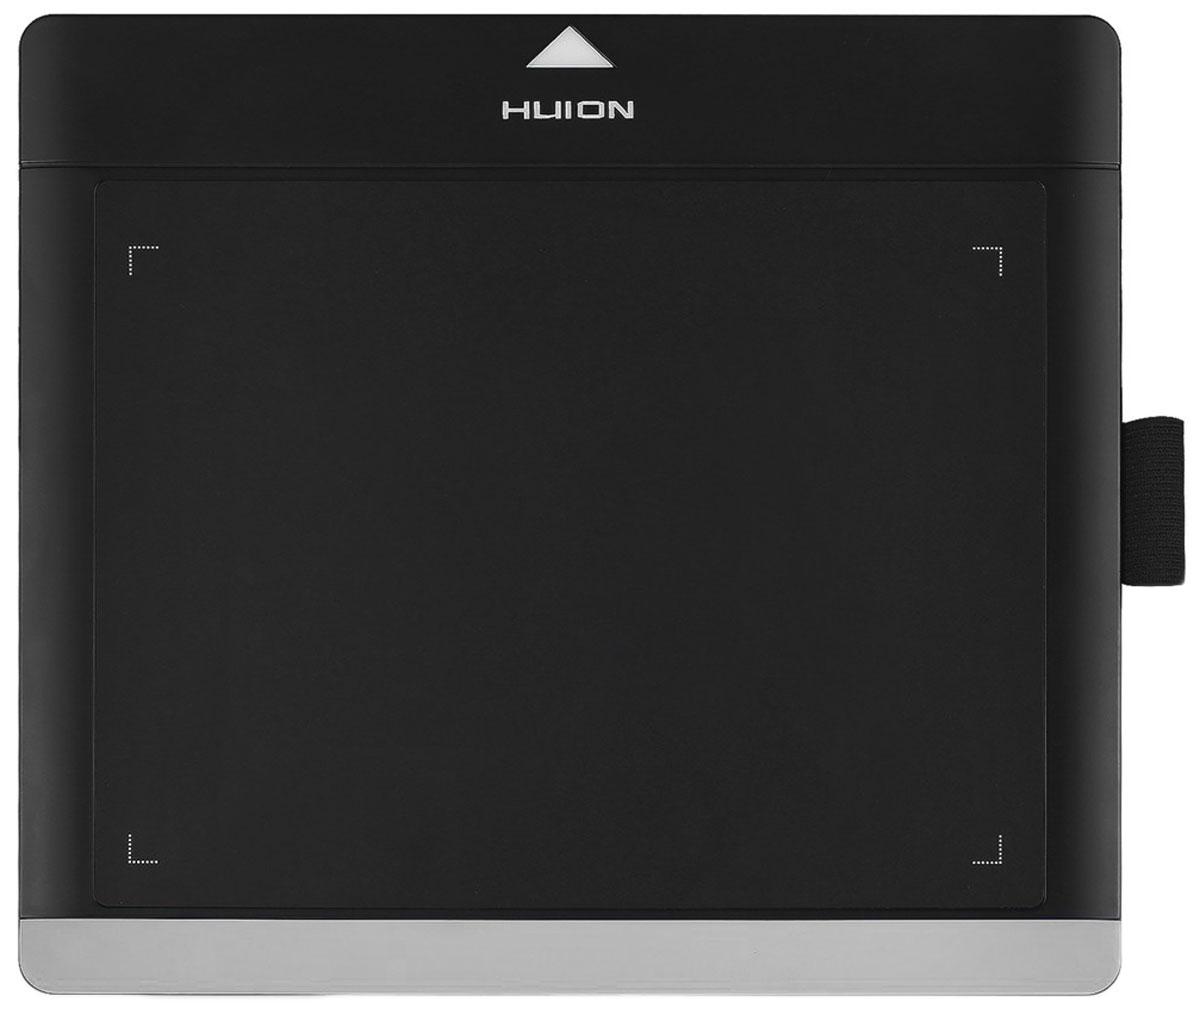 Huion 680TF, Black Silver графический планшет680TFHuion 680TF - это универсальный планшет, который одинаково подходит как для новичка, так и для профессионала. Данная модель поможет притворить в жизнь самые смелые идеи. Планшет разработан специально для студентов. 680TF с легкостью помещается в сумку с учебниками, а благодаря слоту для карт памяти, вы можете не расставаться со своими проектами. Технология: электромагнитный резонанс Рабочая область: 8 х 6 дюйма (203 мм х 152 мм) Максимальная скорость отклика: 220 RPS Уровни нажатия: чувствительность 2048 уровня Минимальная высота работы пера: 10 мм Длина кабеля USB: 1,5 м Поддержка карт памяти: microSD, microSDHC, microSDXC до 64 ГБ Системные требования: Windows 7/8/8.1/10, Mac OS X10.8.0 и выше